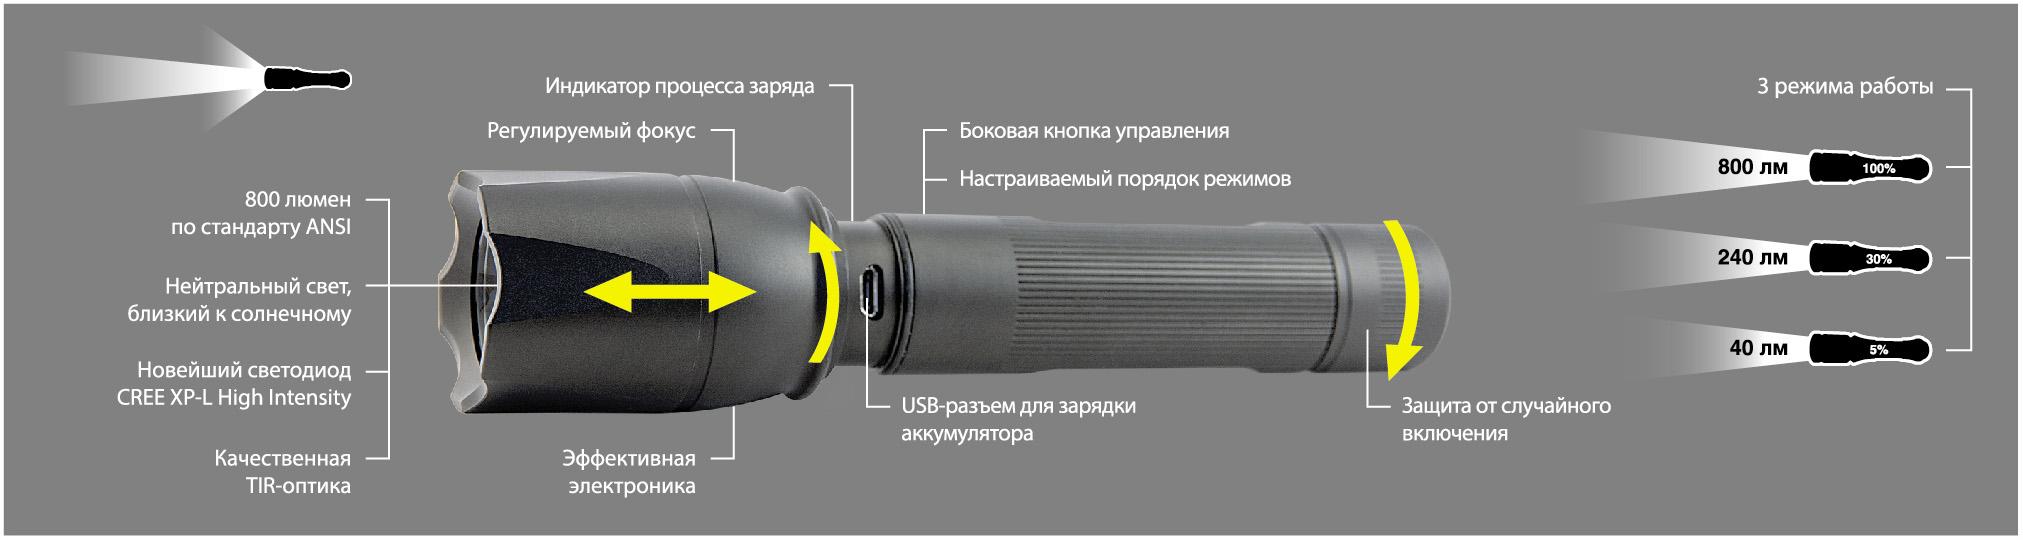 F20_tech.jpg